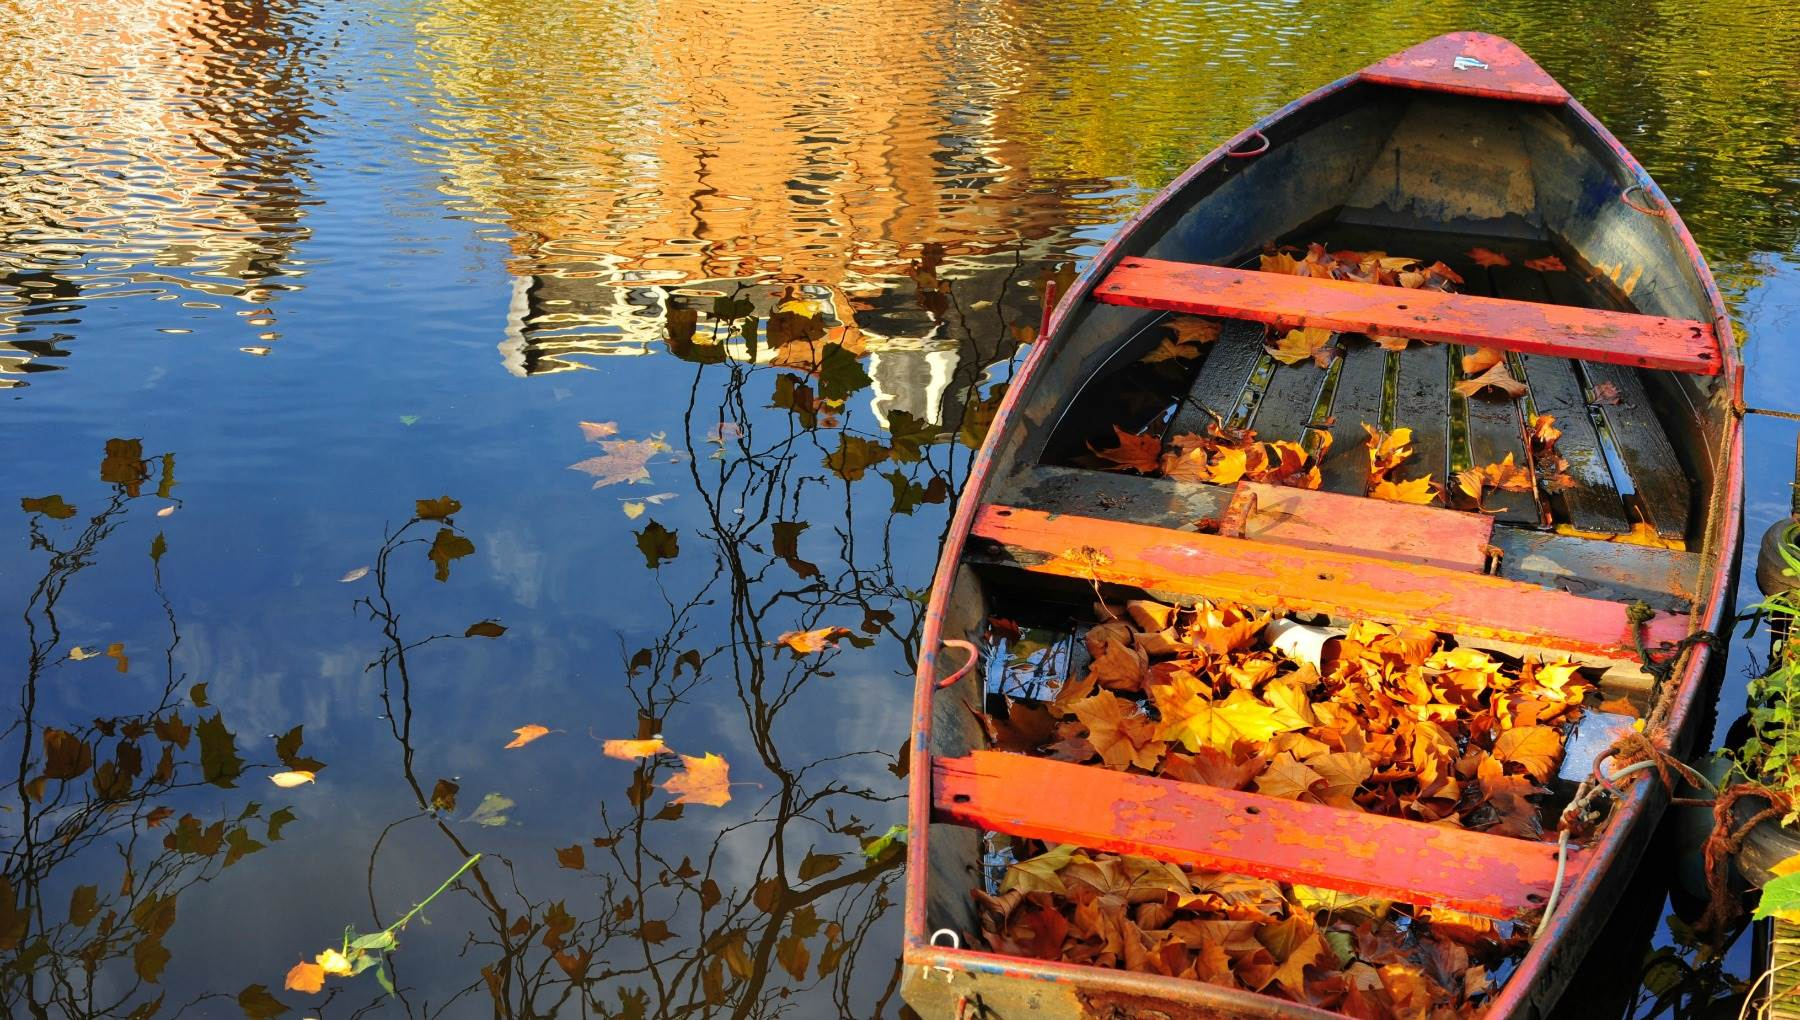 Mùa thu mặt nước trong vắt, con thuyền đựng đầy lá vàng